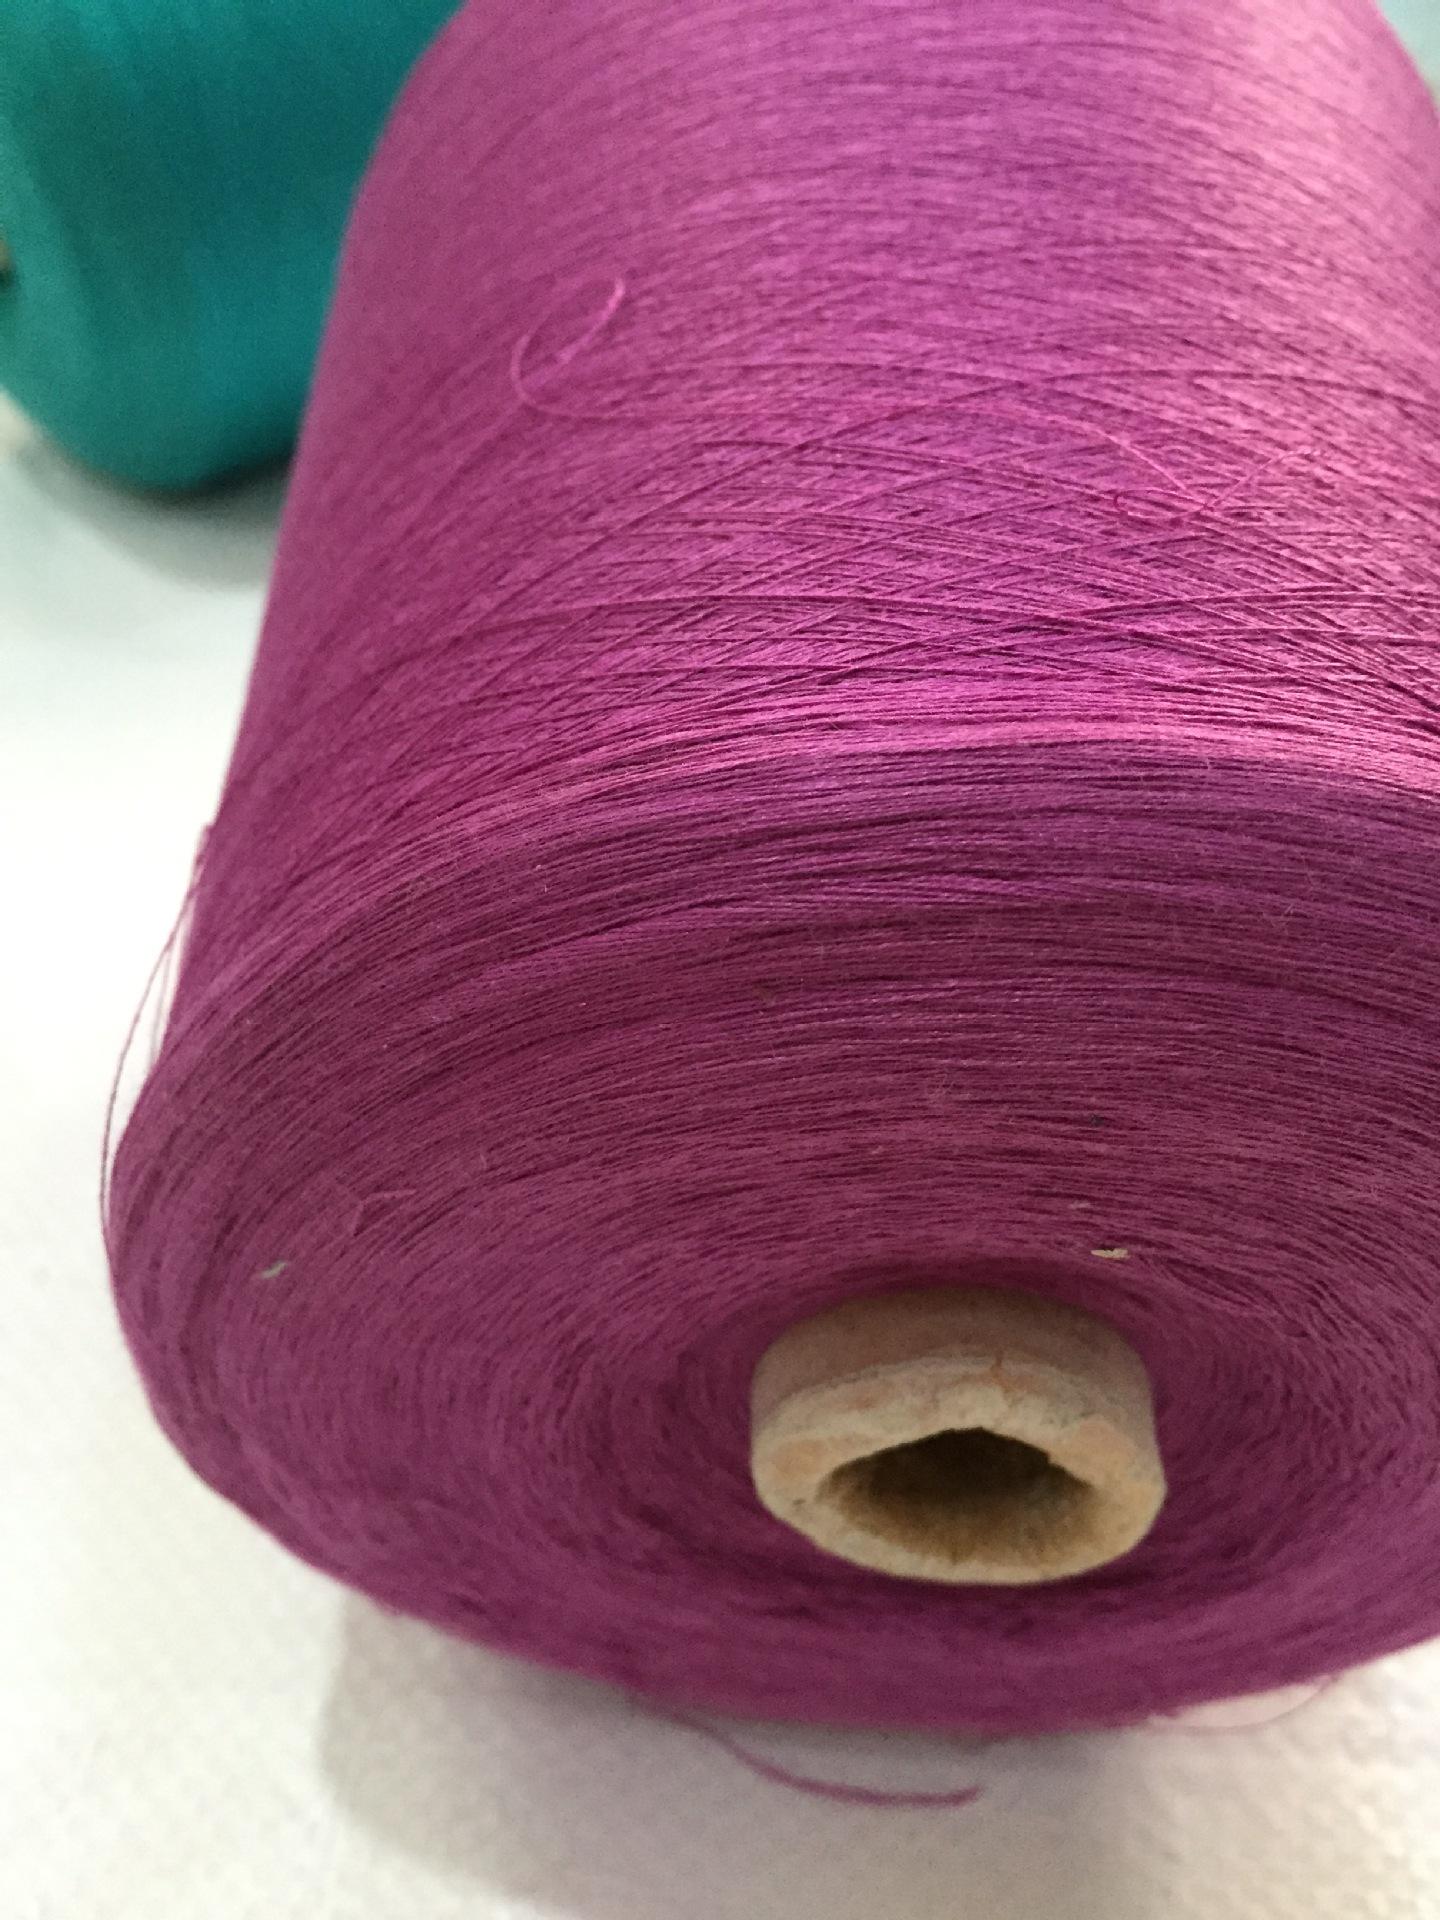 Sợi tơ lụa Kéo sợi 120 sợi crepe nguyên chất